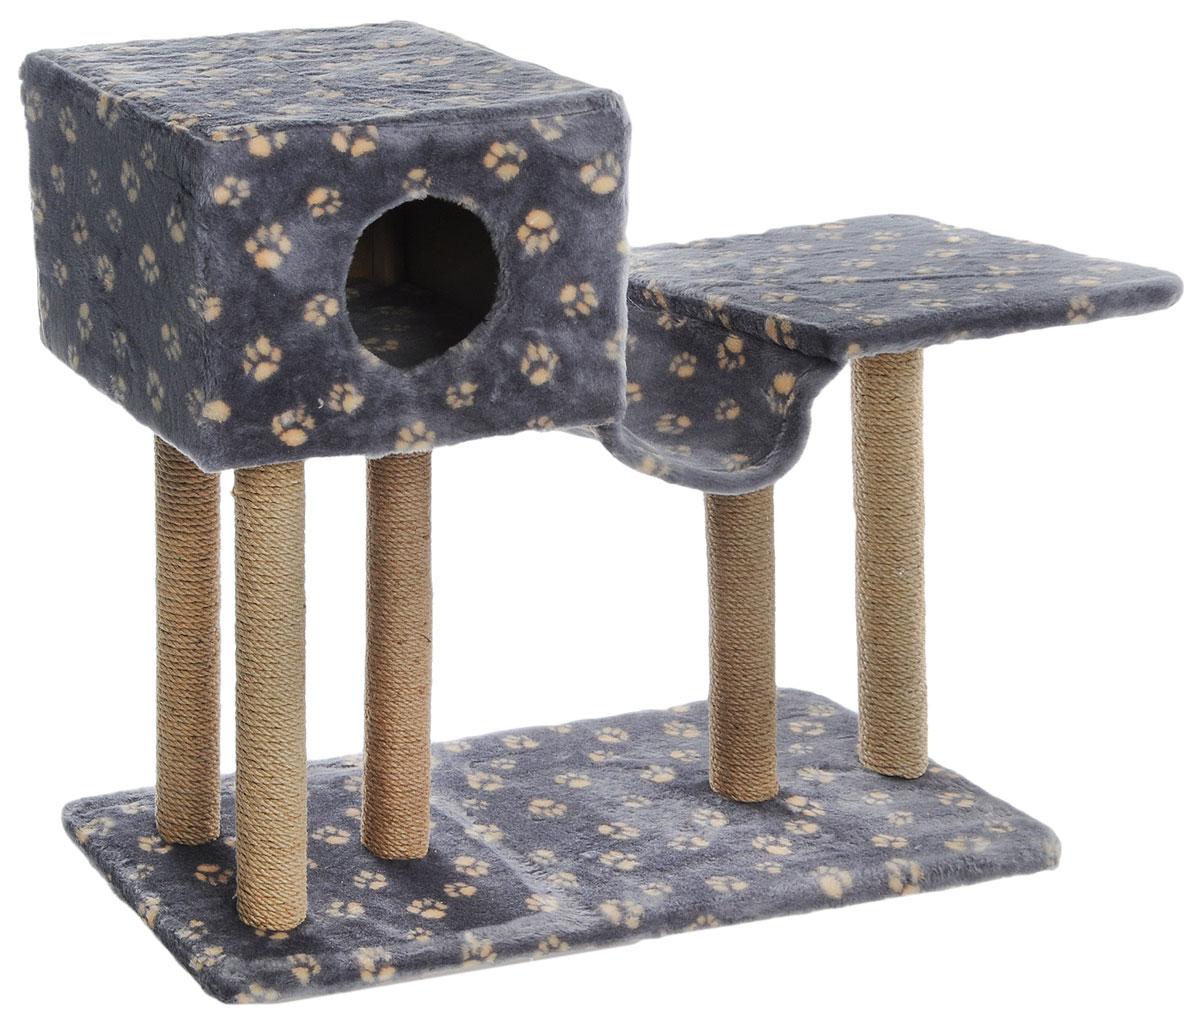 Игровой комплекс для кошек Меридиан, с домиком и гамаком, цвет: серый, бежевый, 90 х 40 х 80Д126_серый, бежевый лапкиИгровой комплекс для кошек Меридиан, с домиком и гамаком, цвет: серый, бежевый, 90 х 40 х 80